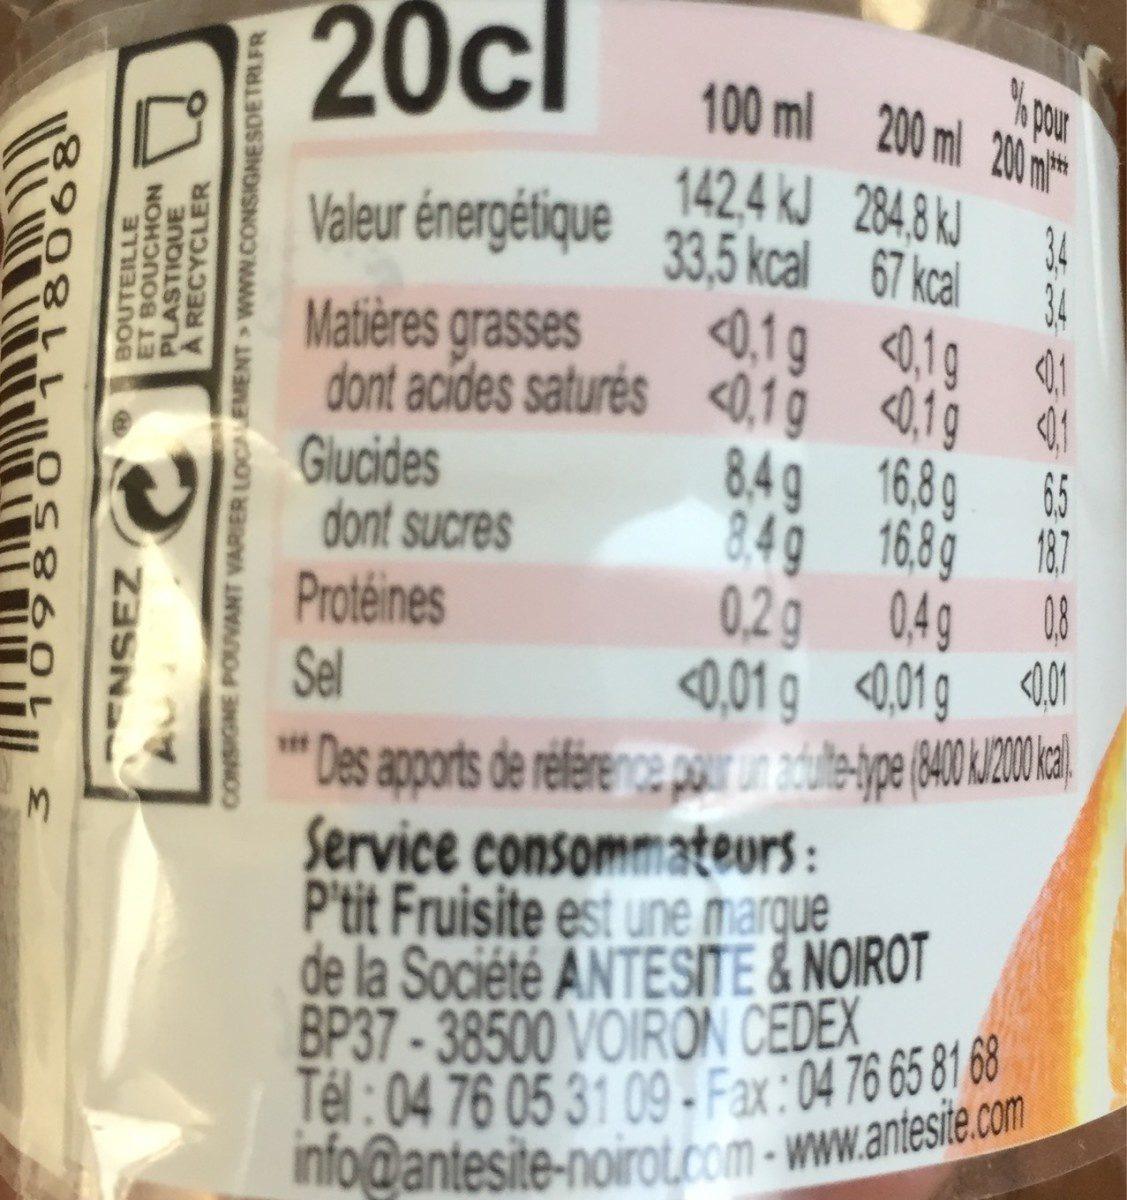 P'tit Fruitiste Bio multi fruits - Informations nutritionnelles - fr